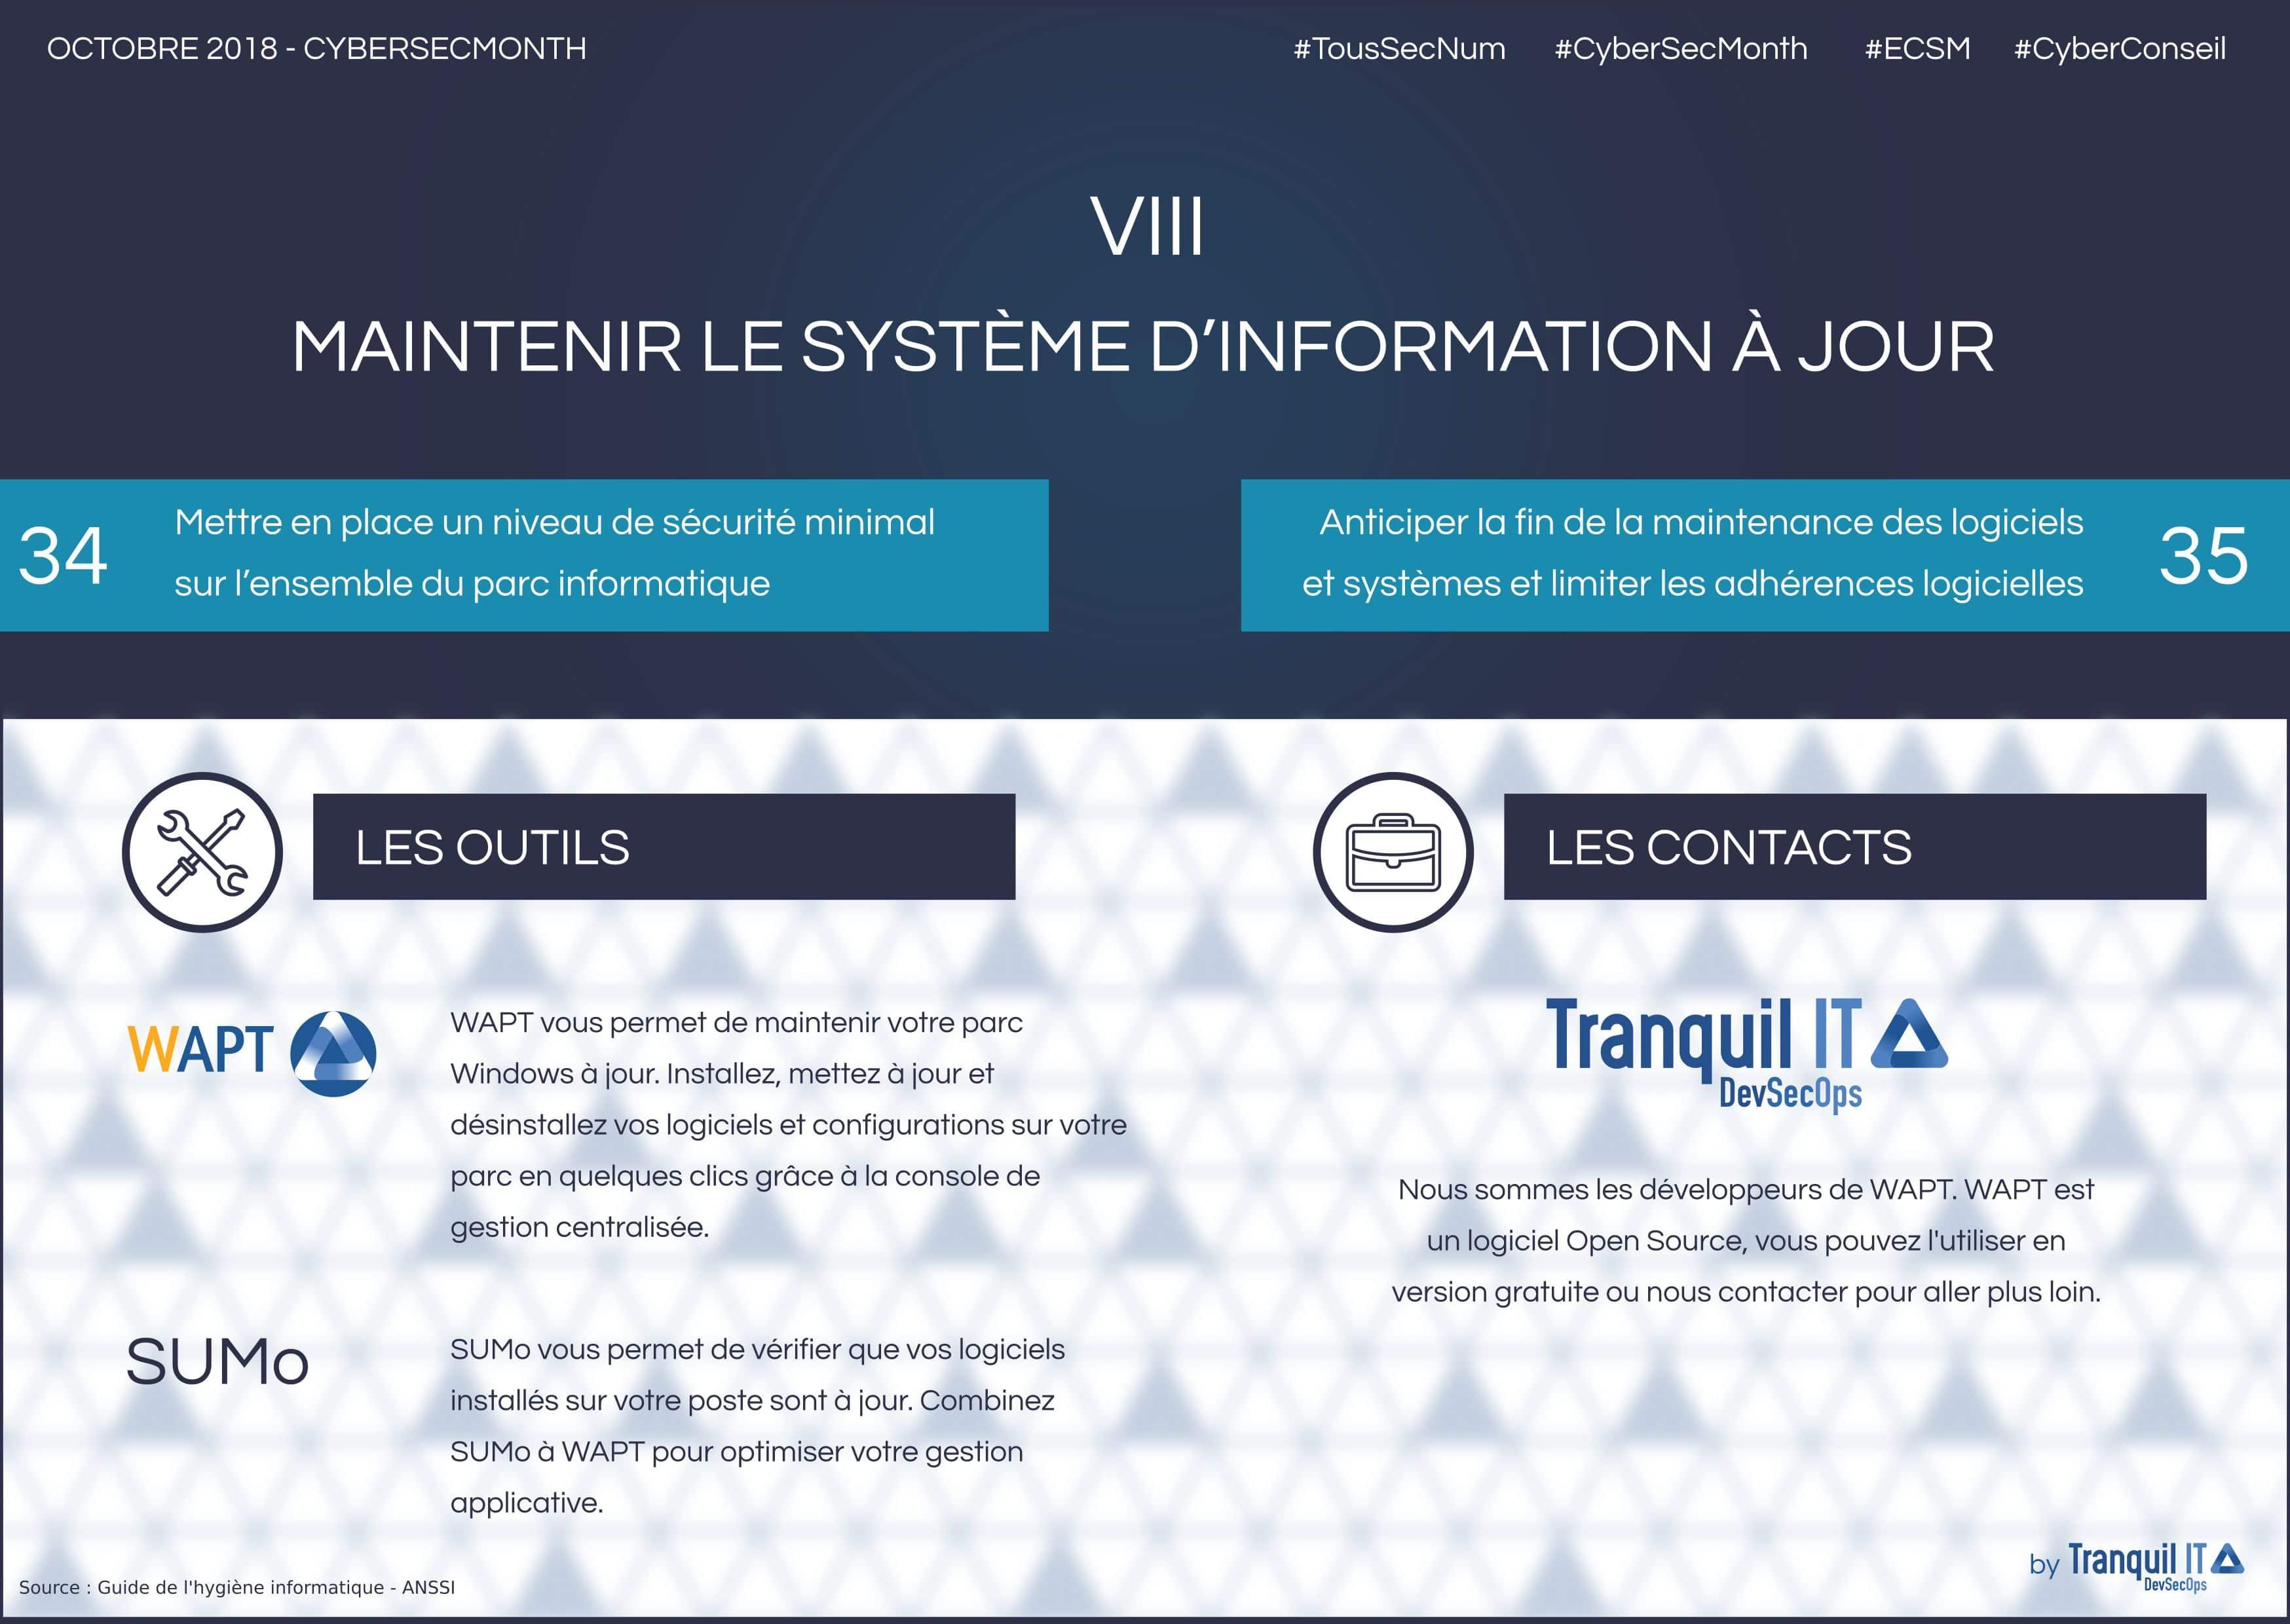 """Infographie """"Maintenir le système d'information à jour"""""""